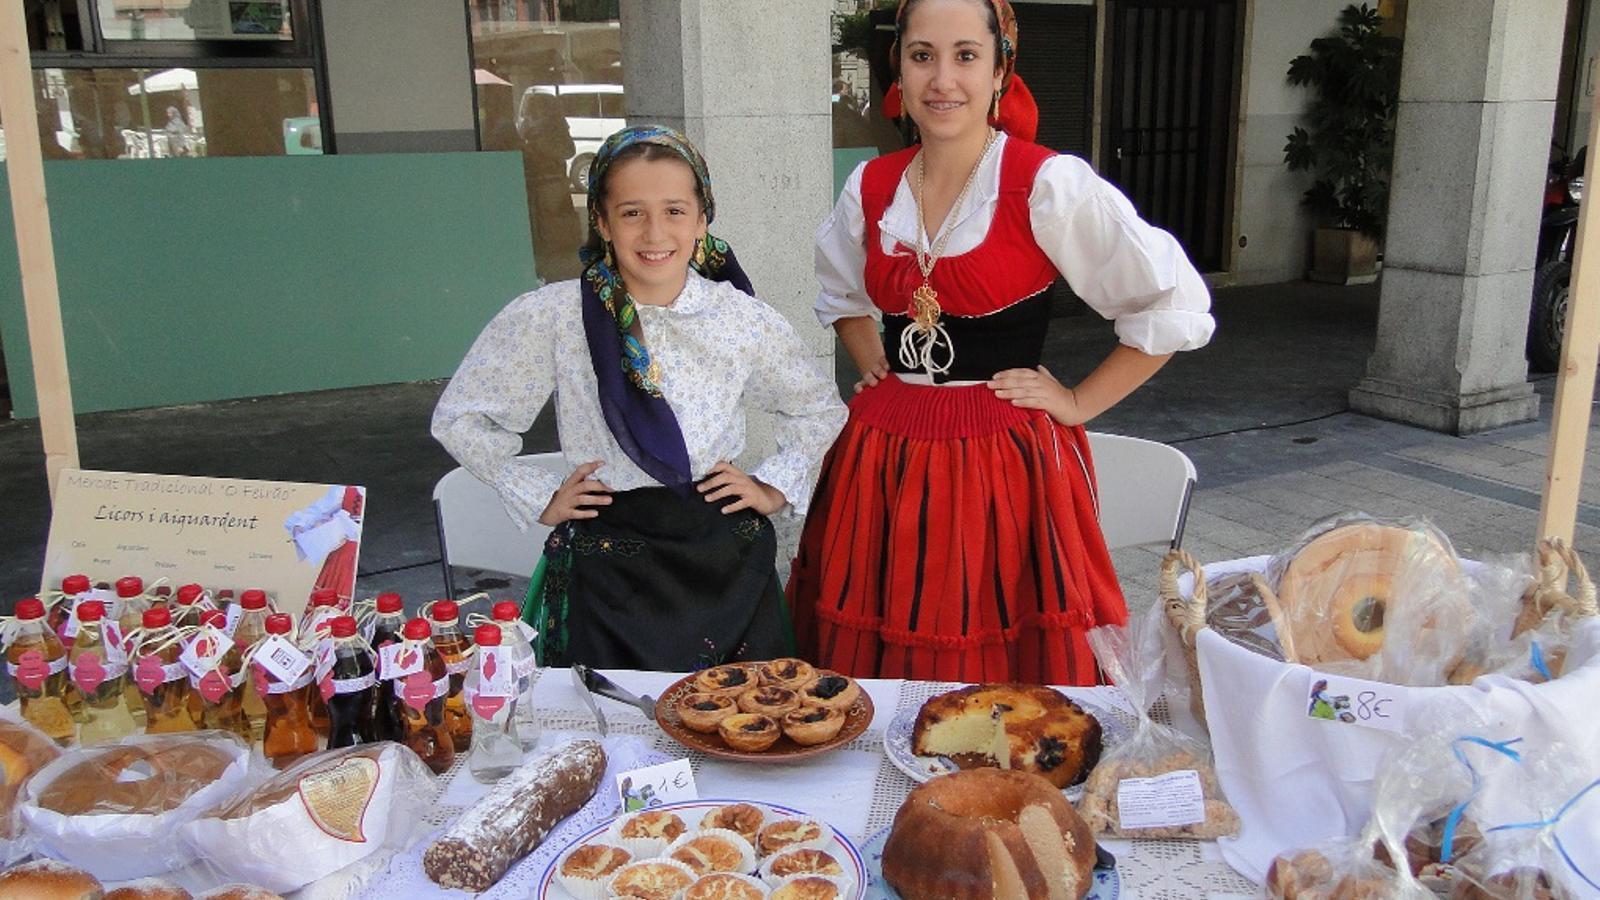 La plaça Guillemó acollirà el mercat a partir de les 18 hores / GF CASA PORTUGAL